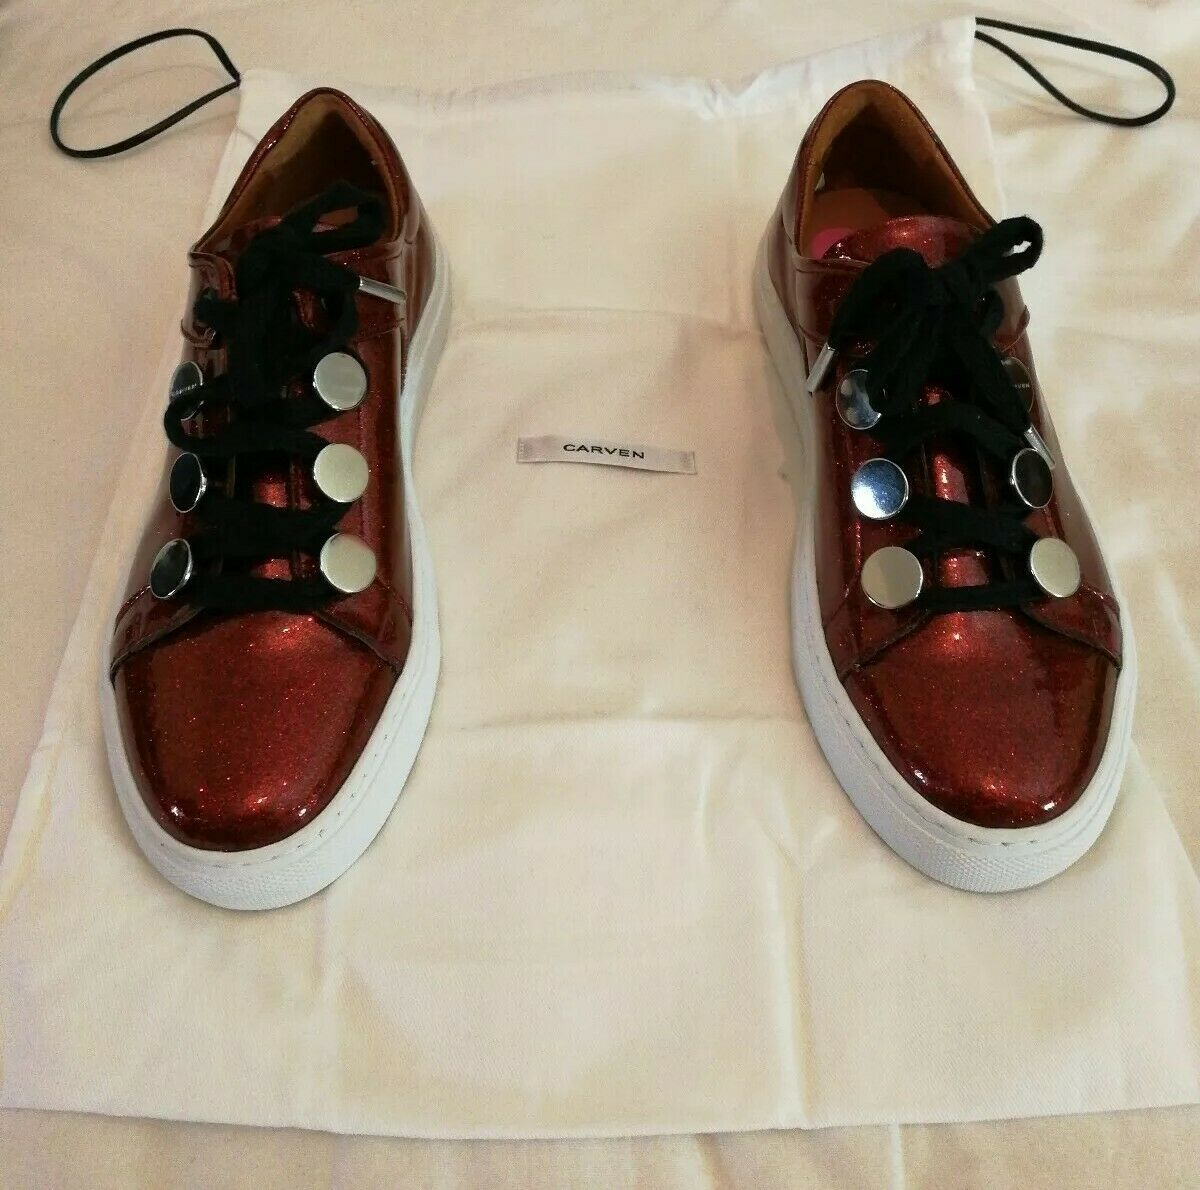 Carven Glitter Leather Low  Top scarpe da ginnastica Borgogna uk 5 eu 38  Sito ufficiale